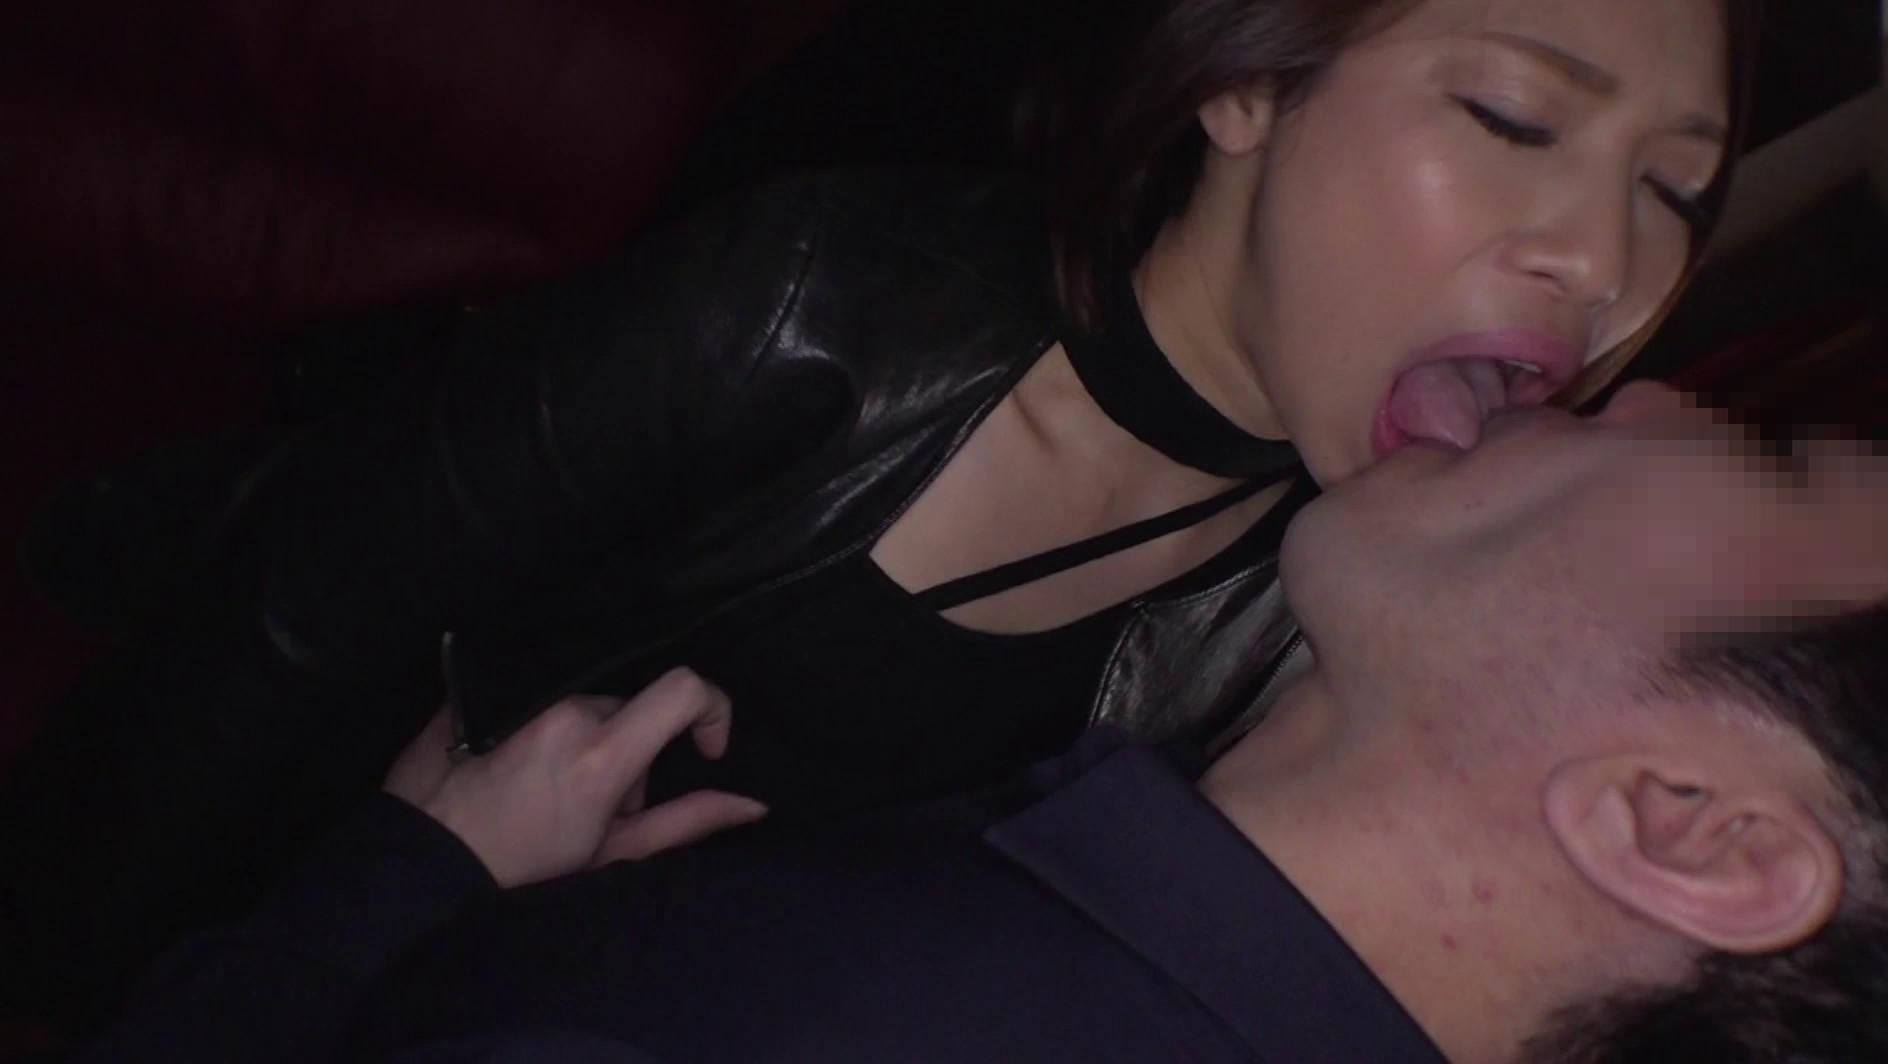 ド変態美女貸出します 性欲強すぎるベロキス魔 終電ギリまで生中出し種付け輪● ほのか 画像7